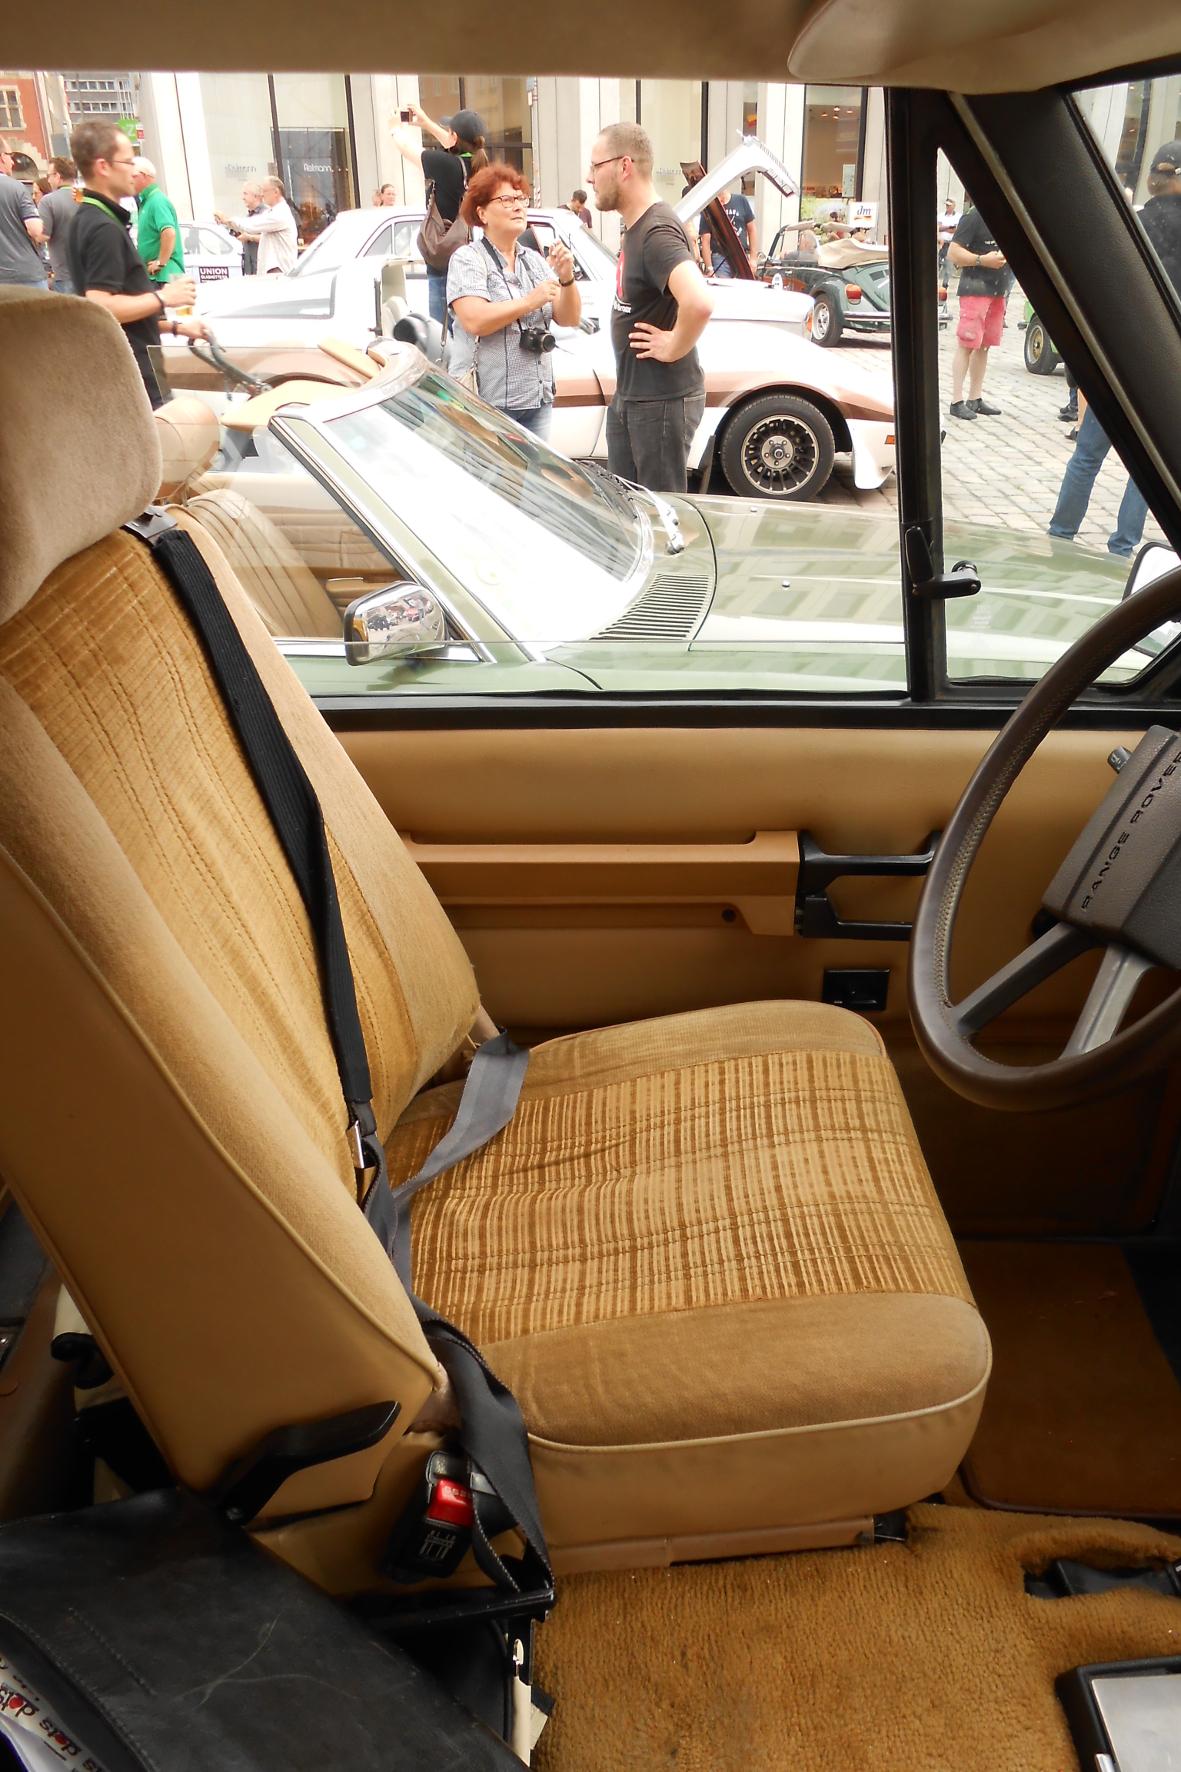 Von Automatik keine Spur: In den achtziger Jahren gab es selbst in der Luxusklasse nur statische Dreipunktgurte.